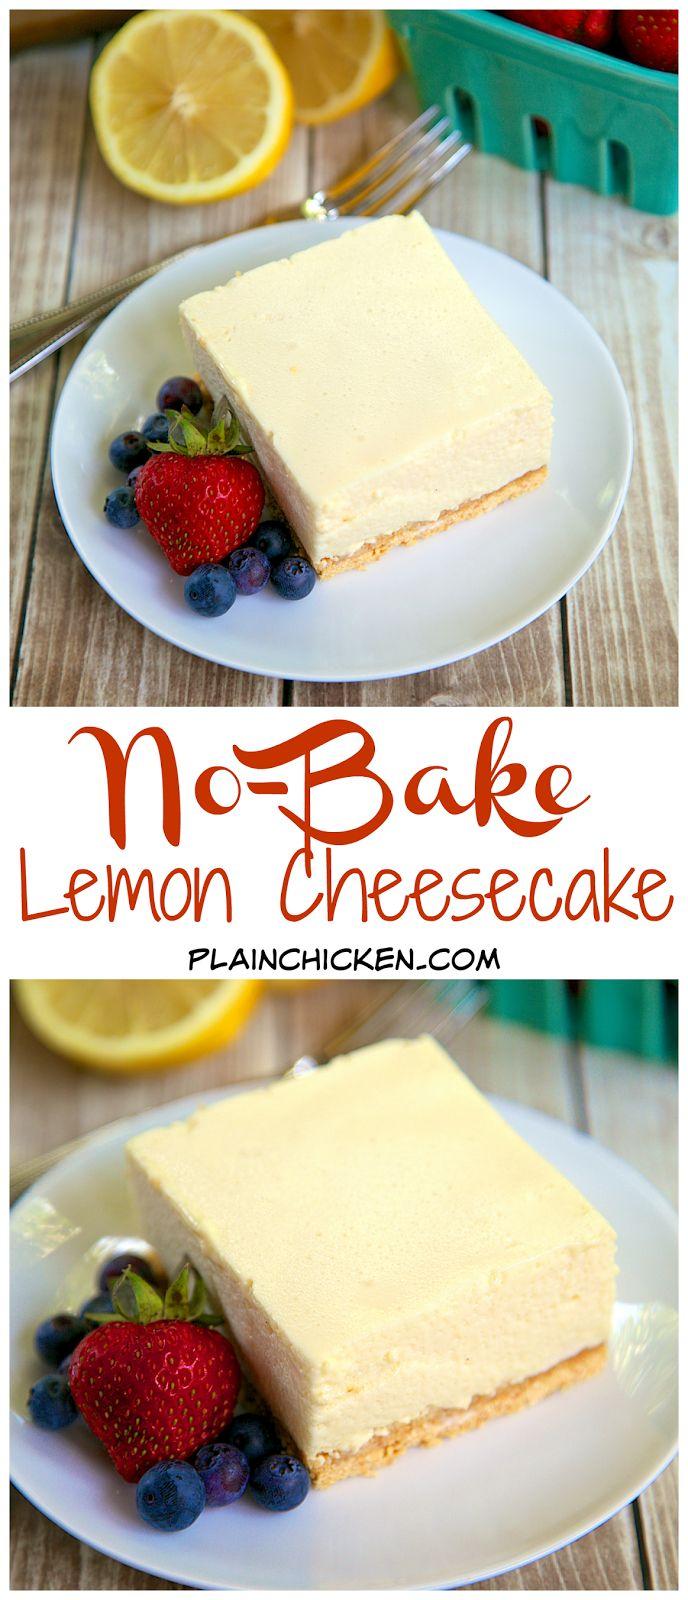 No-Bake Lemon Cheesecake Recipe - graham cracker crust, light and lemony no-bake cheesecake - SO good. THE BEST no-bake cheesecake EVER! Great with fresh berries.